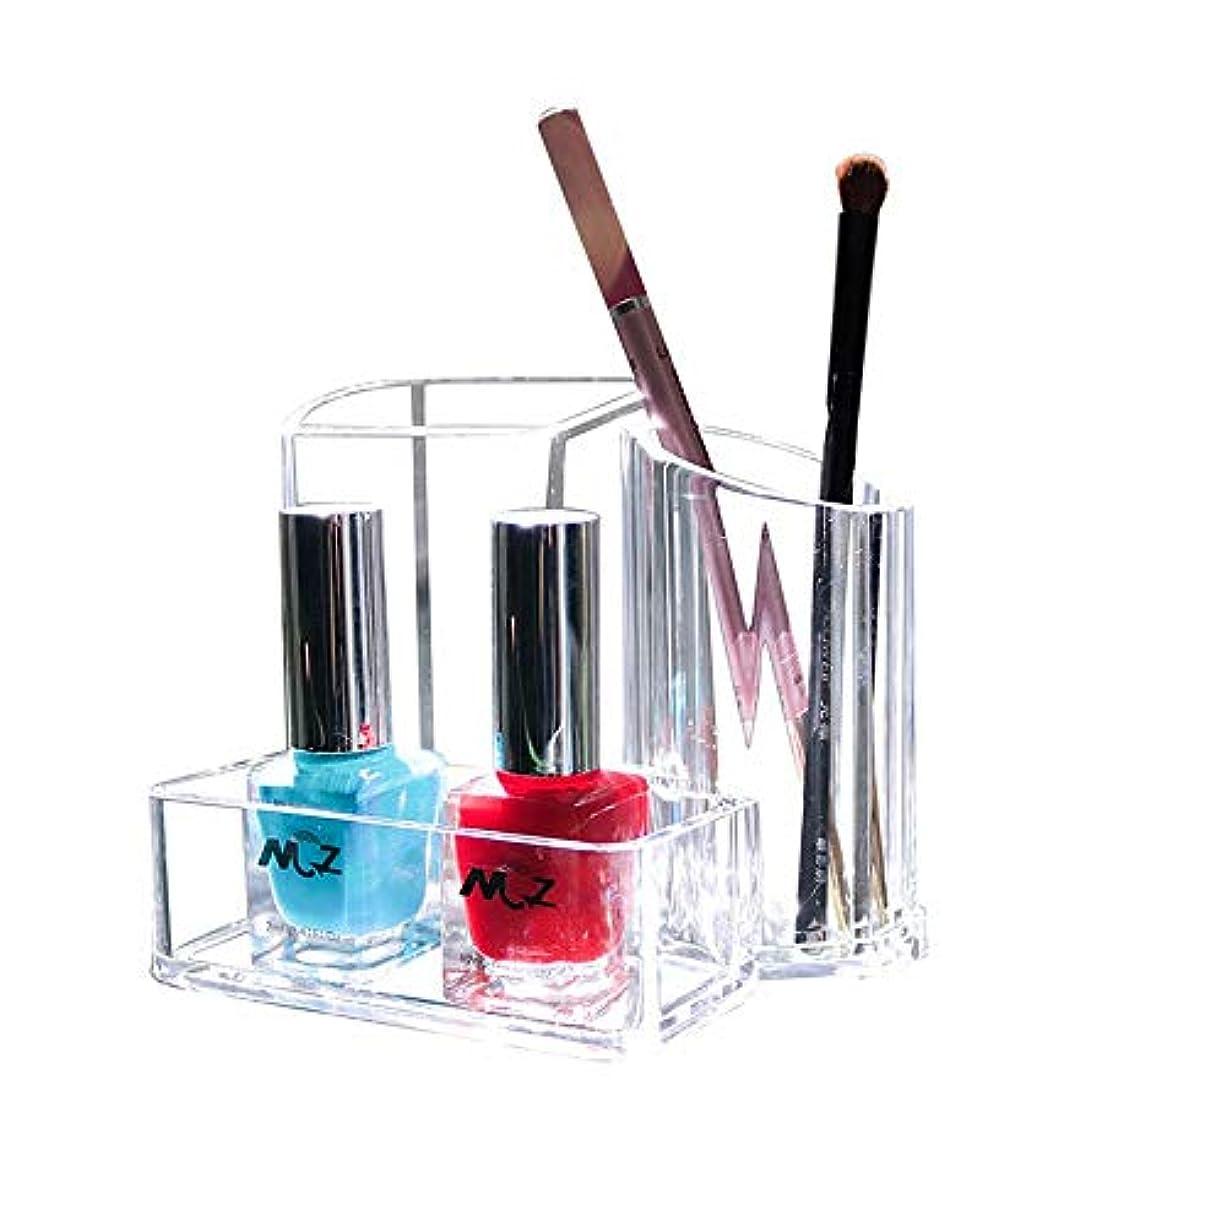 眠る招待滅多整理簡単 シンプルクリアアクリル口紅&ブラシホルダー収納ディスプレイスタンド化粧スタンドラックホルダーオーガナイザー化粧ケース (Color : Clear, Size : 13.2*9.5*10.8CM)